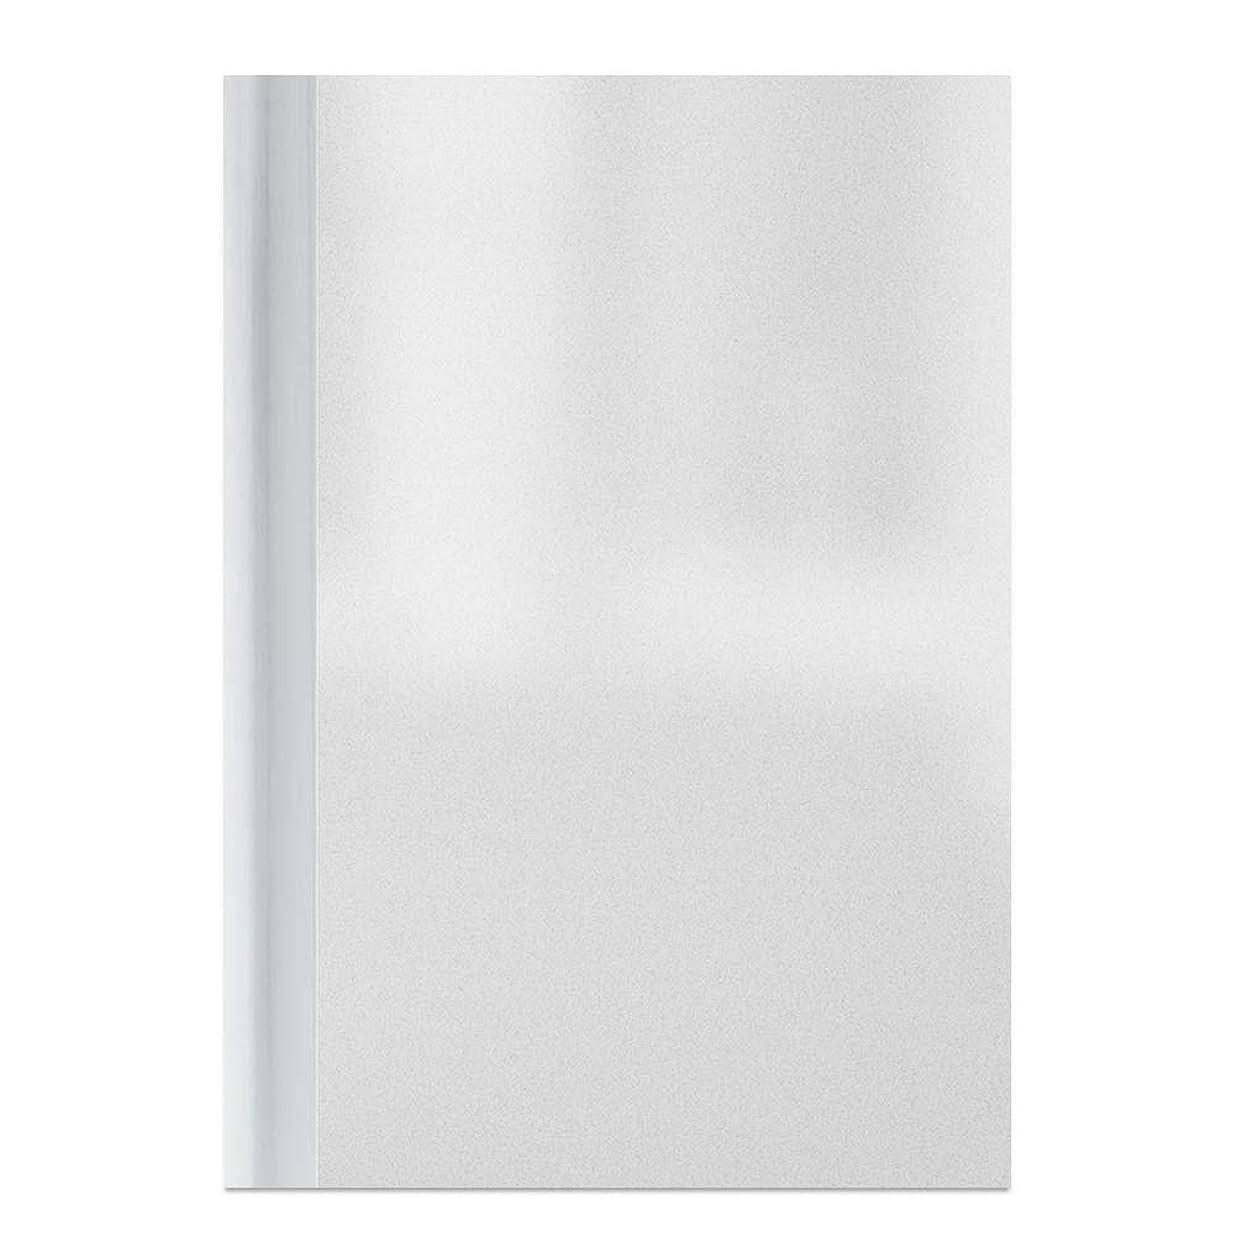 太陽広大なキリストBTFirst 窓用フィルムプライバシーフィルムつや消しガラスフィルム自己粘着性フィルム窓静的接着不透明プライバシースクリーンフィルム